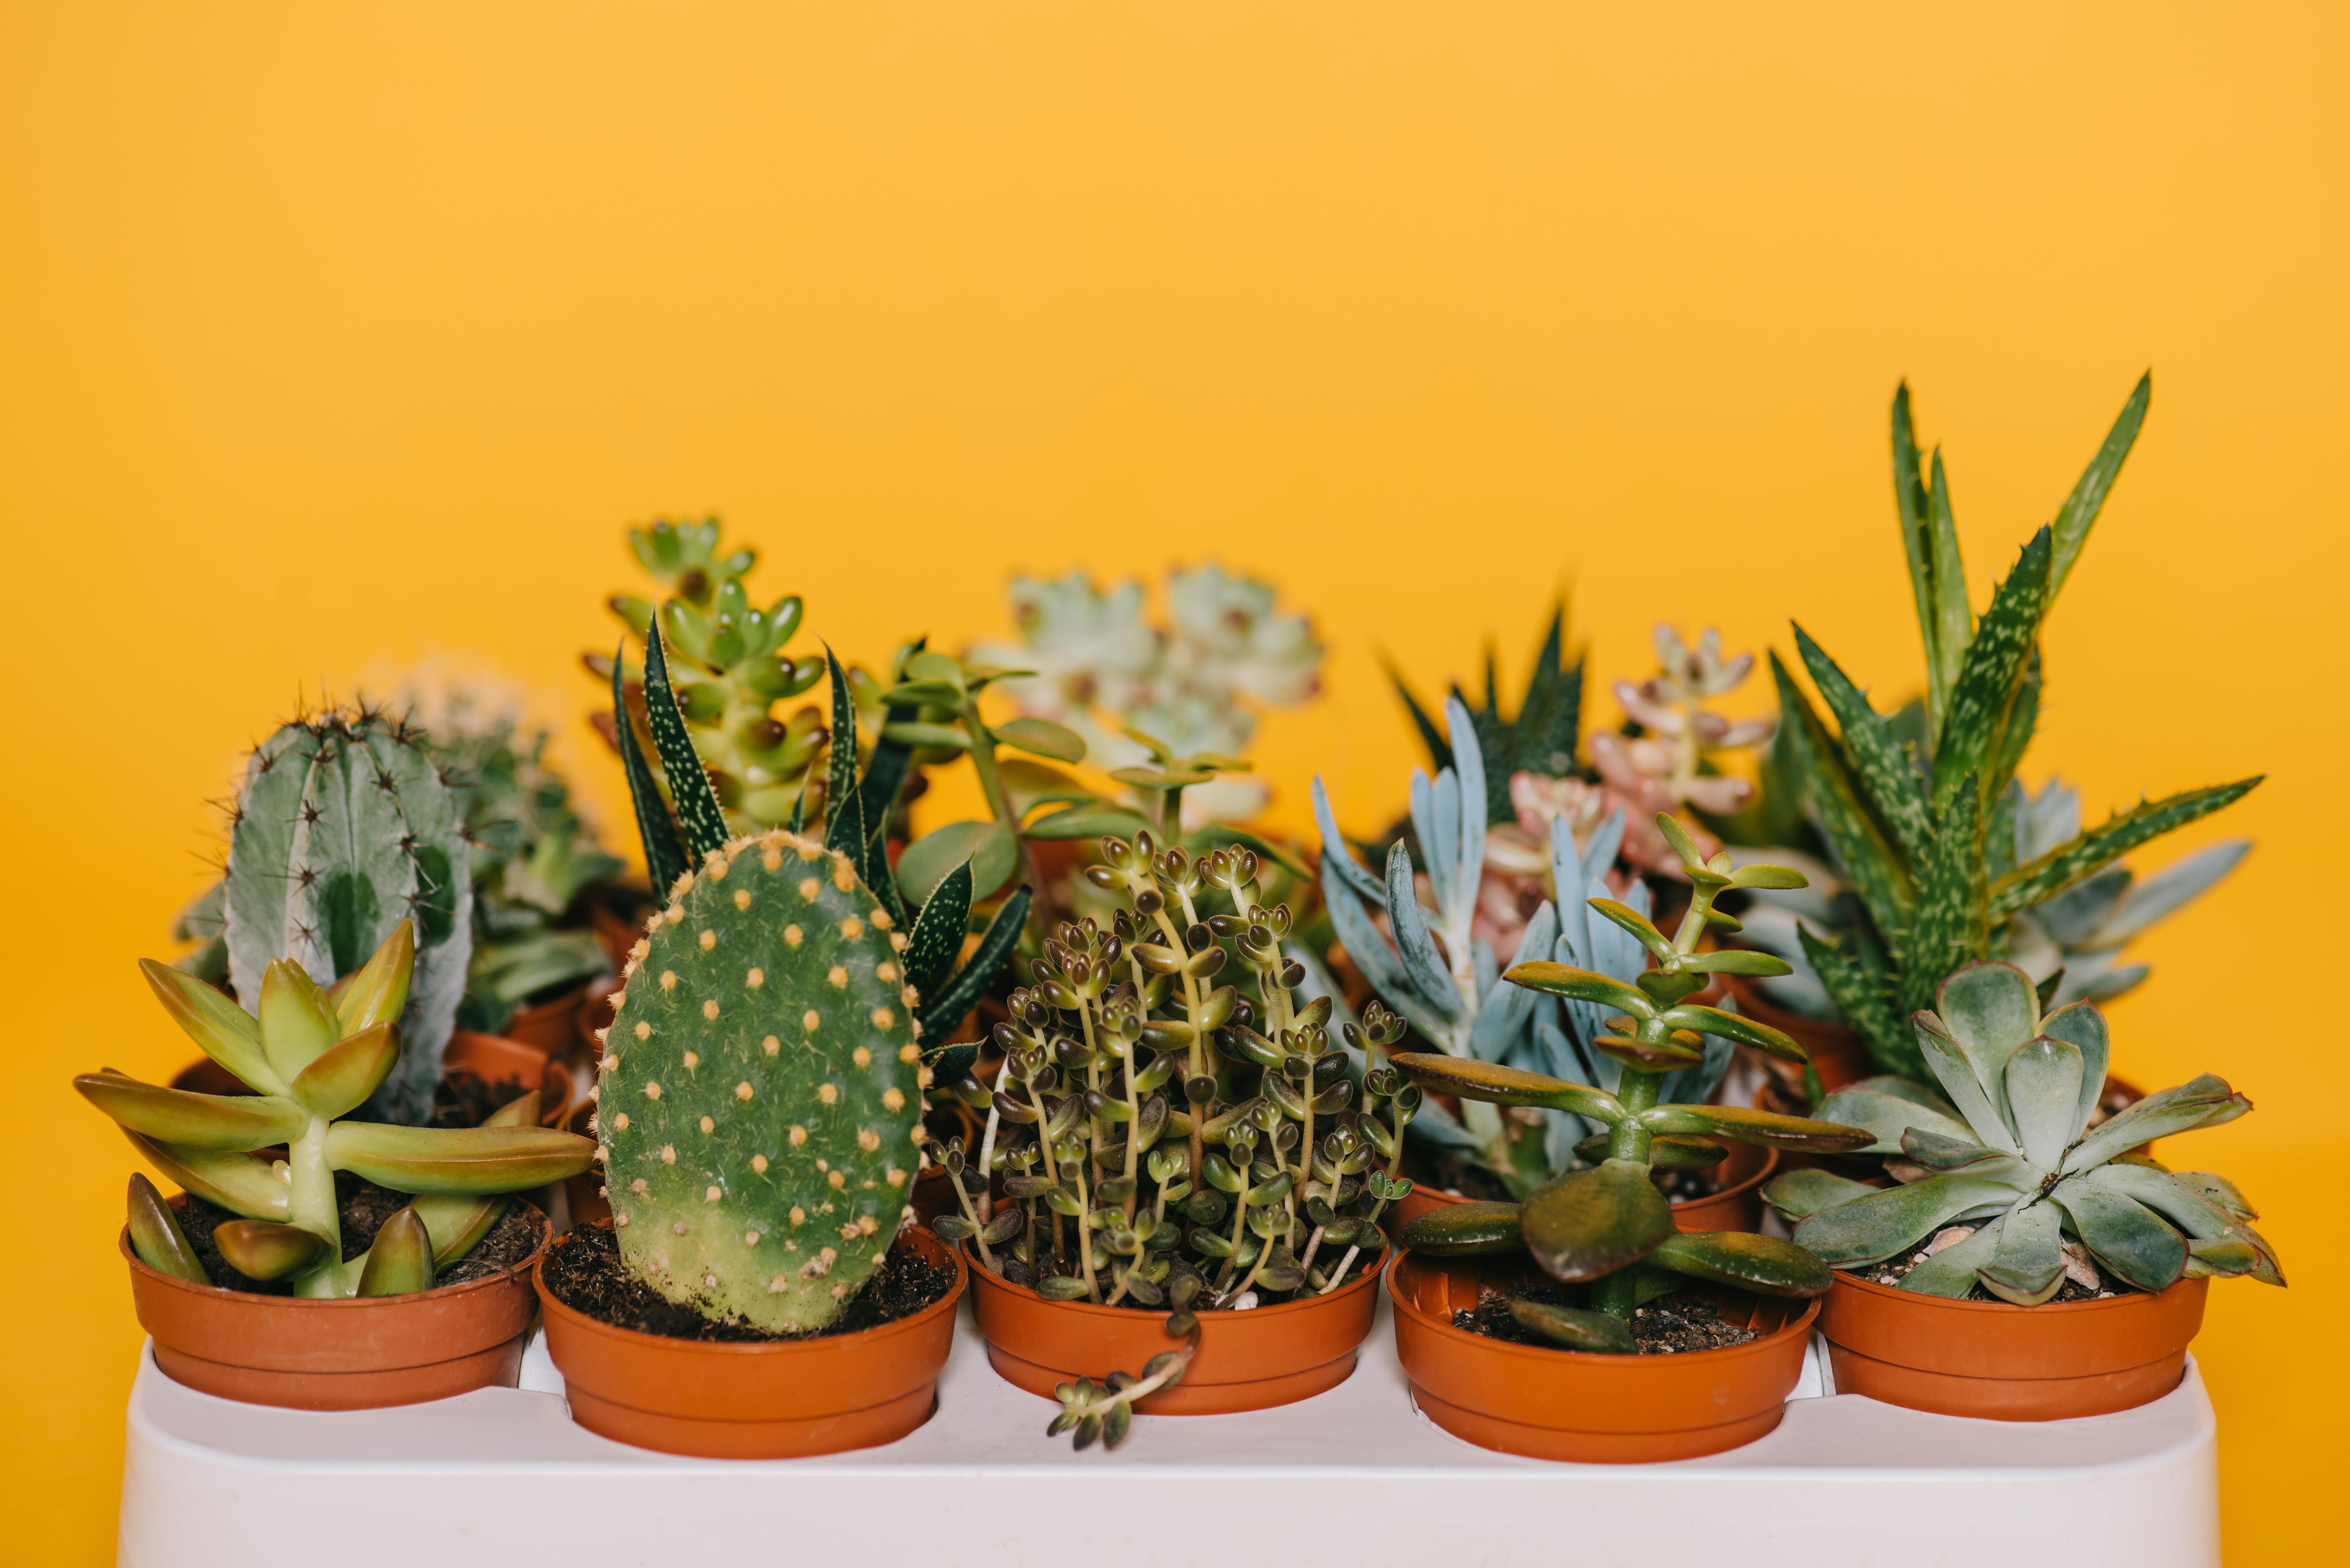 Кактусы разных форм и видов - наиболее подходящие растения для создания первых флорариумов